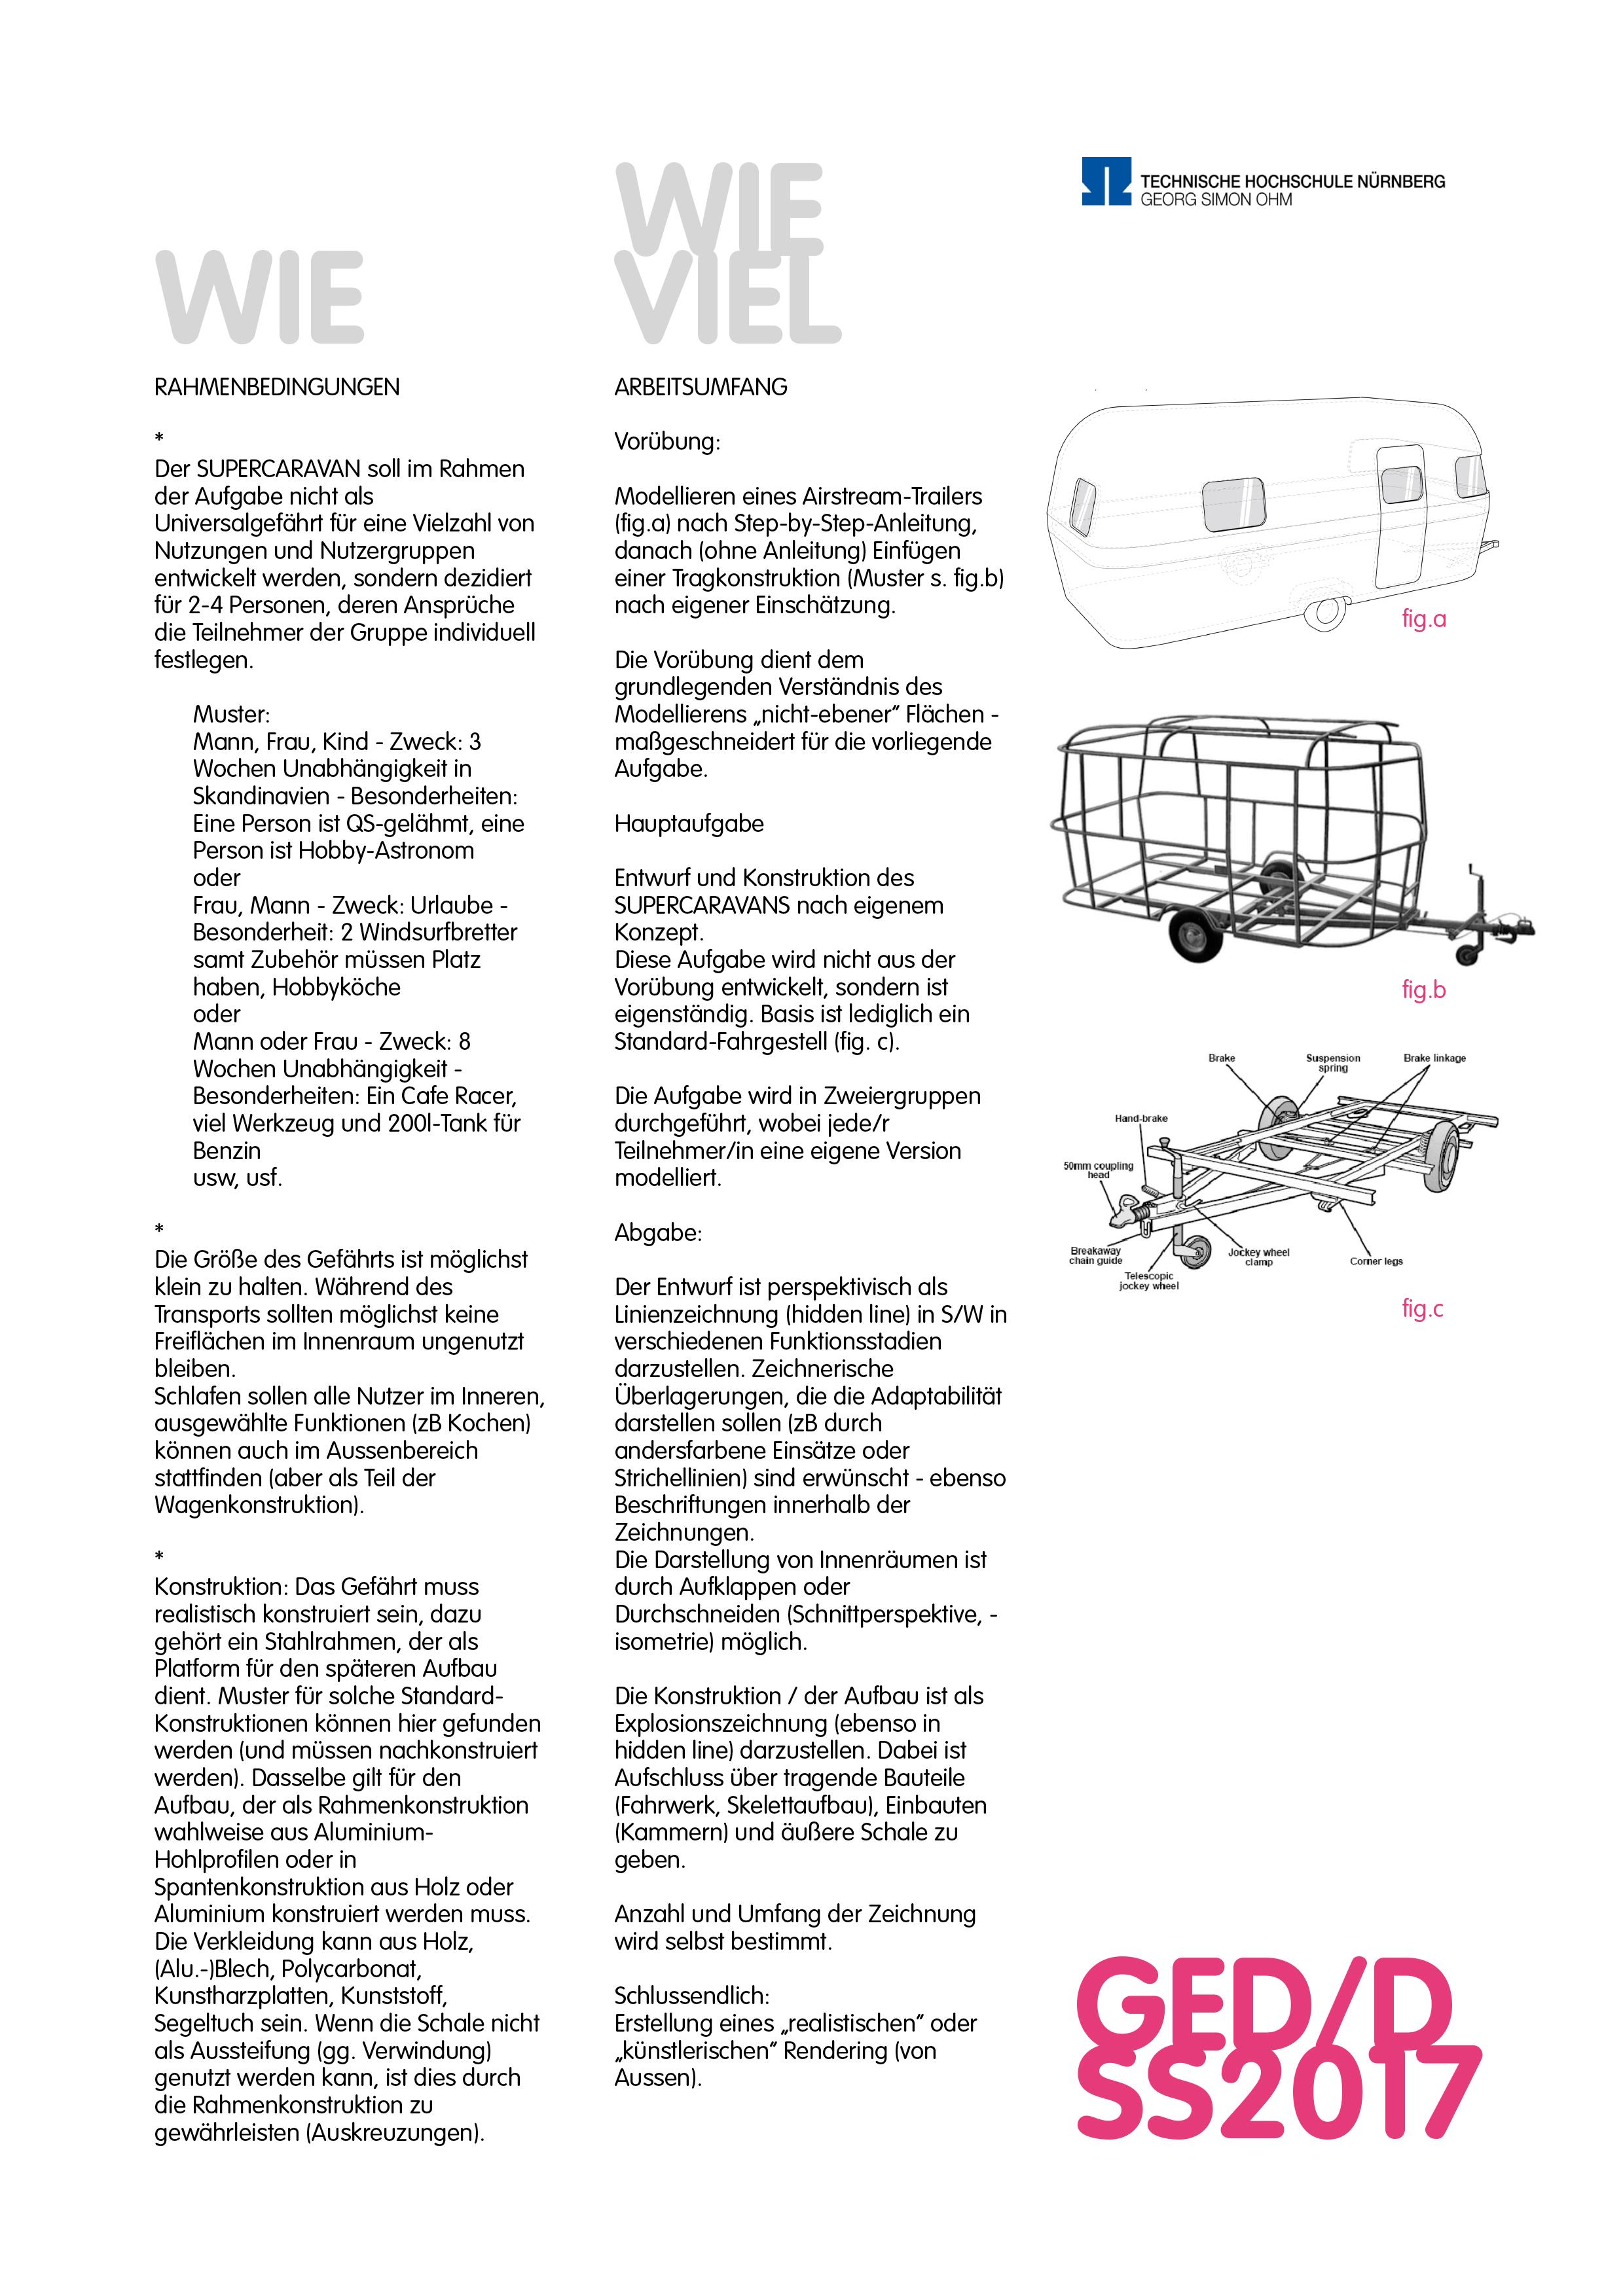 Schön Schlaf Anzahl Rahmen Fotos - Rahmen Ideen - markjohnsonshow.info